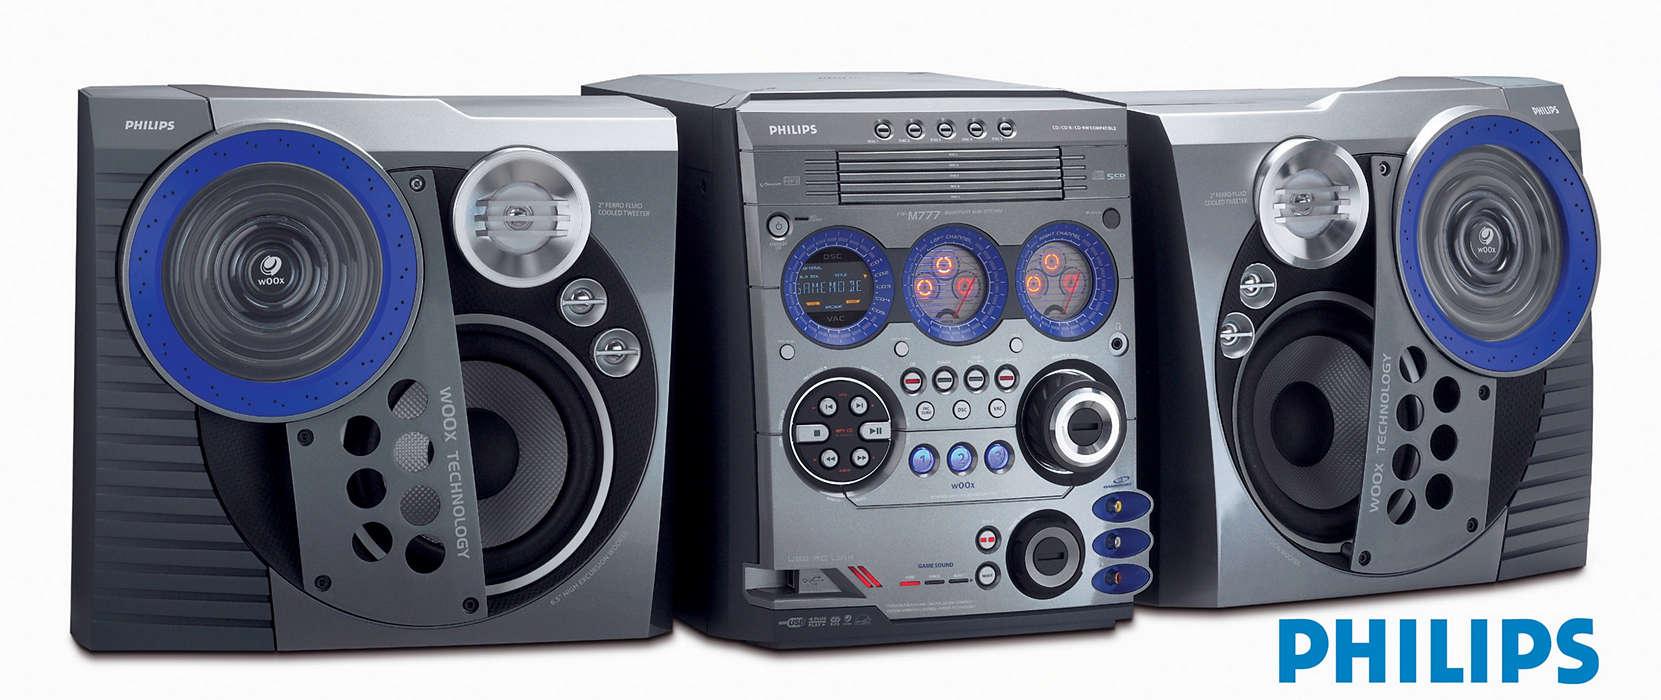 Připojení USB PC Link pro datový tok MP3